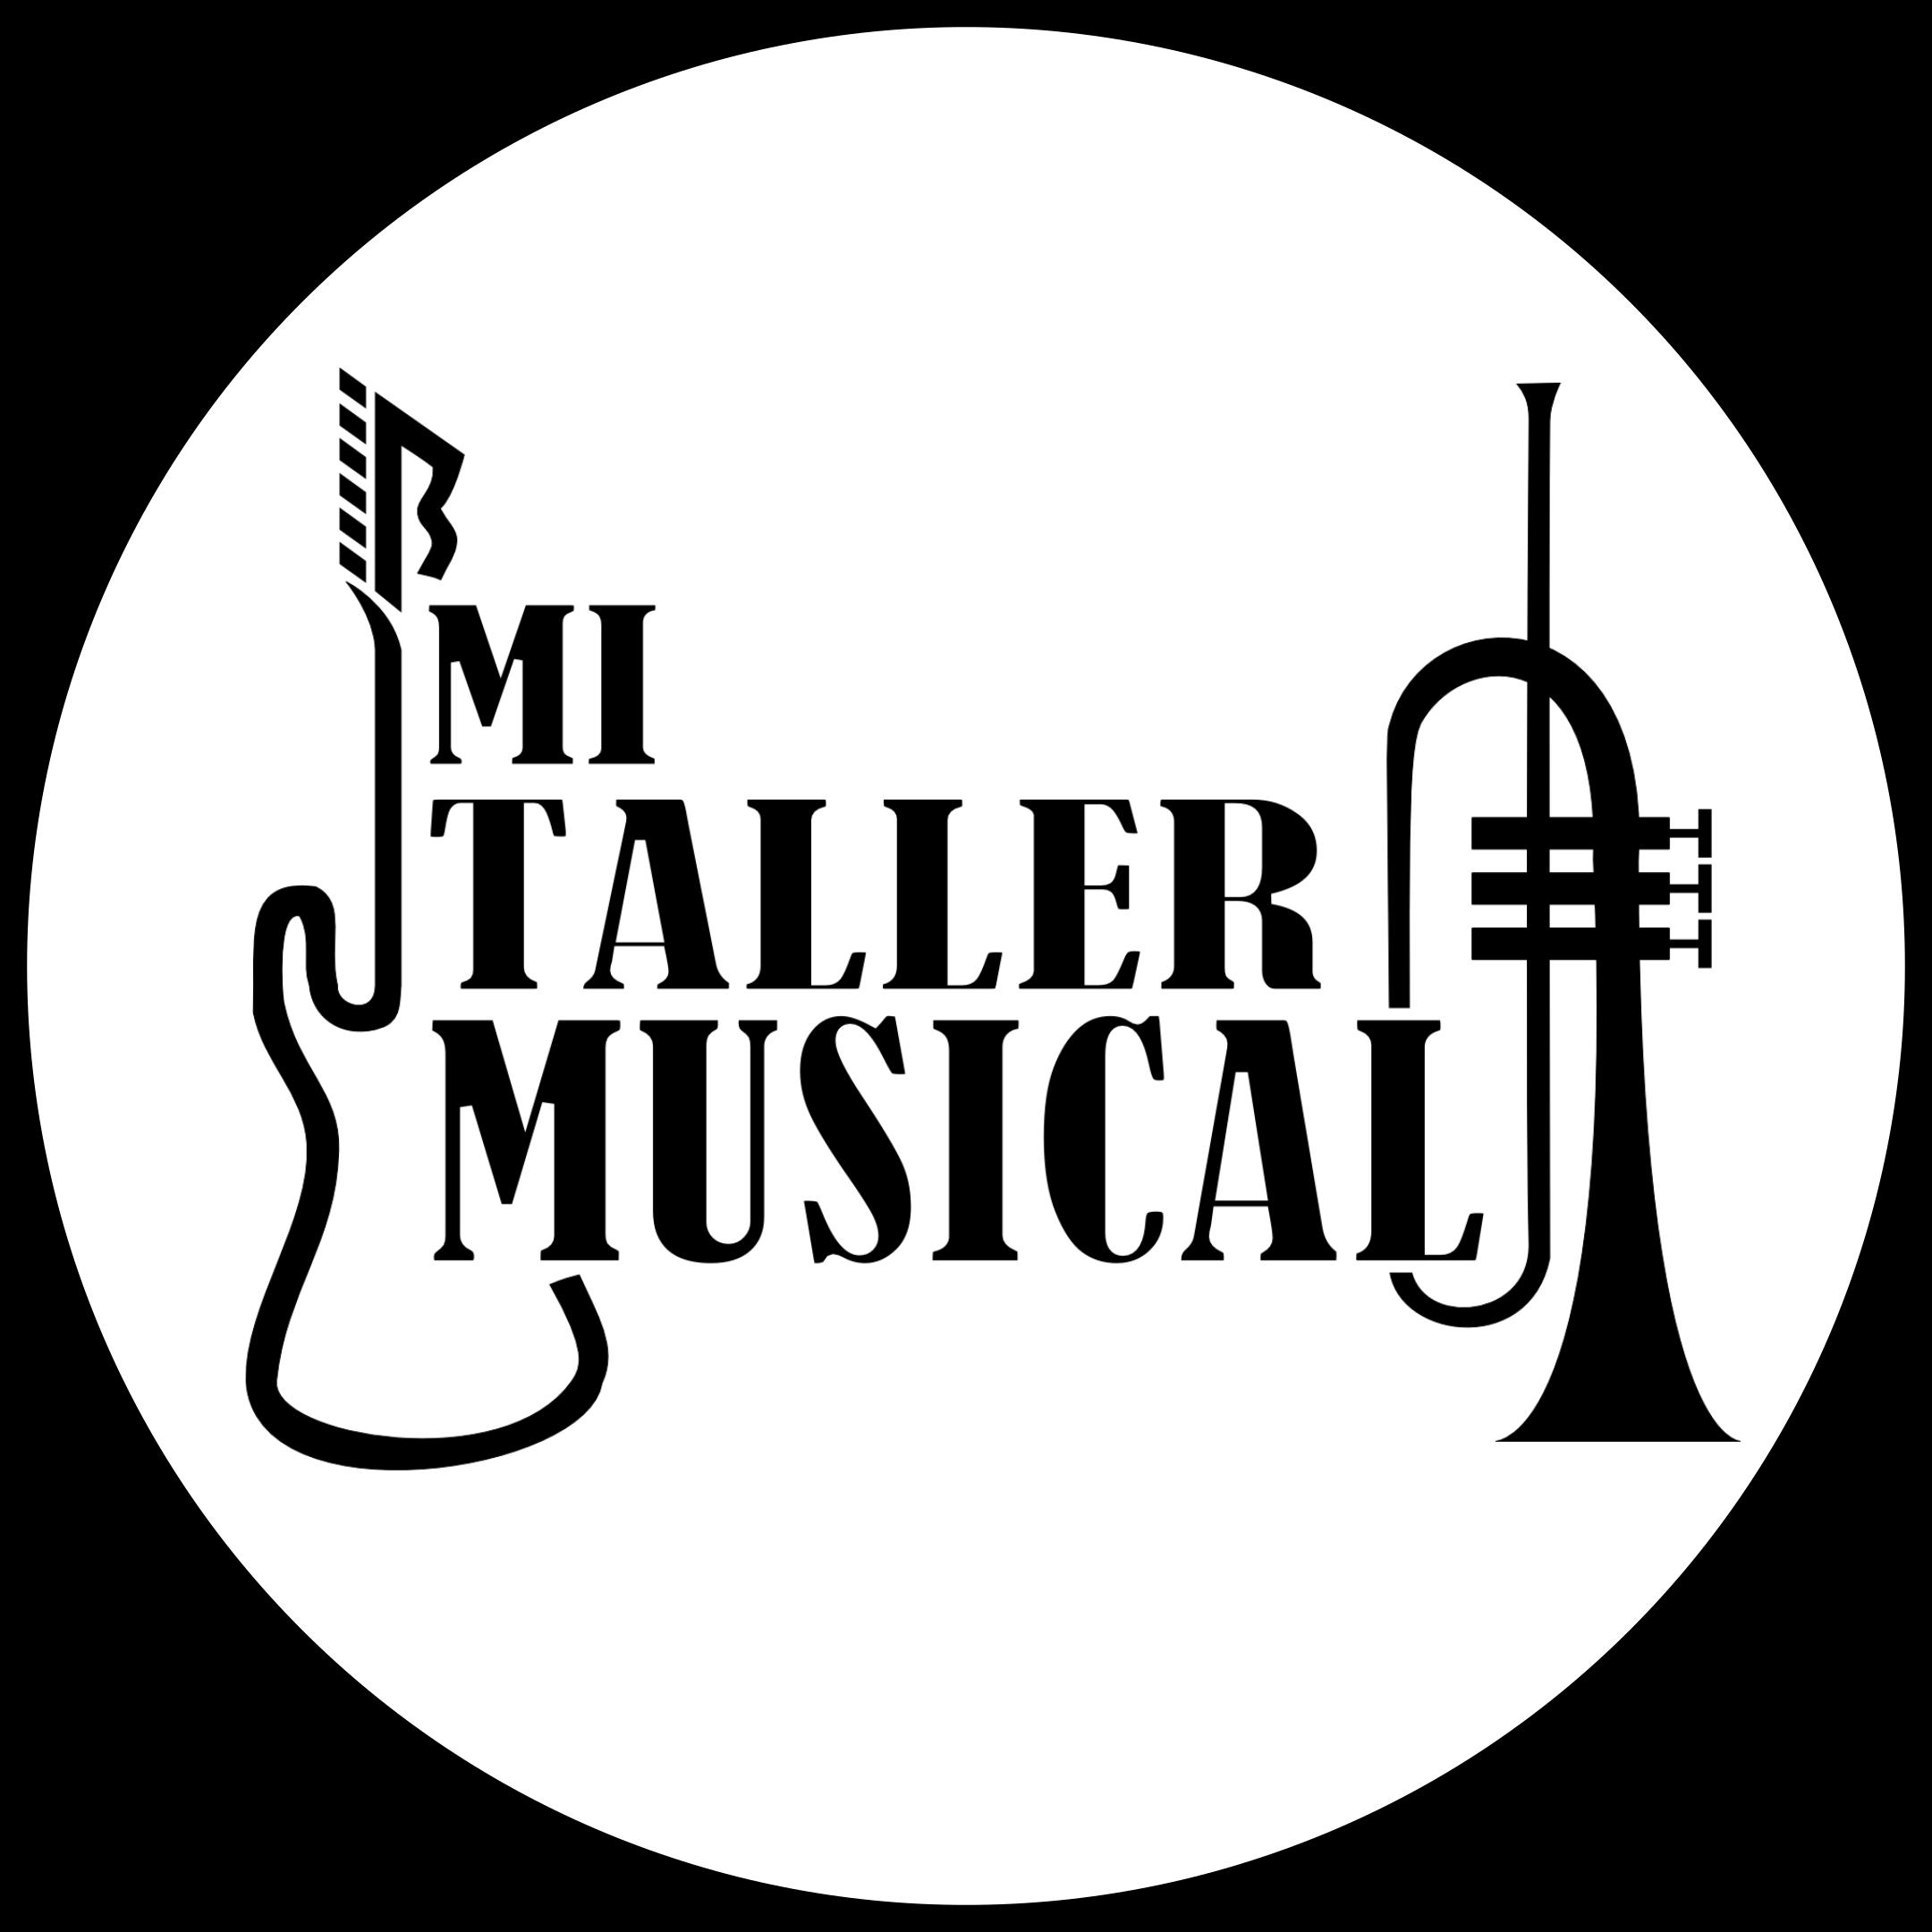 Mi Taller Musical